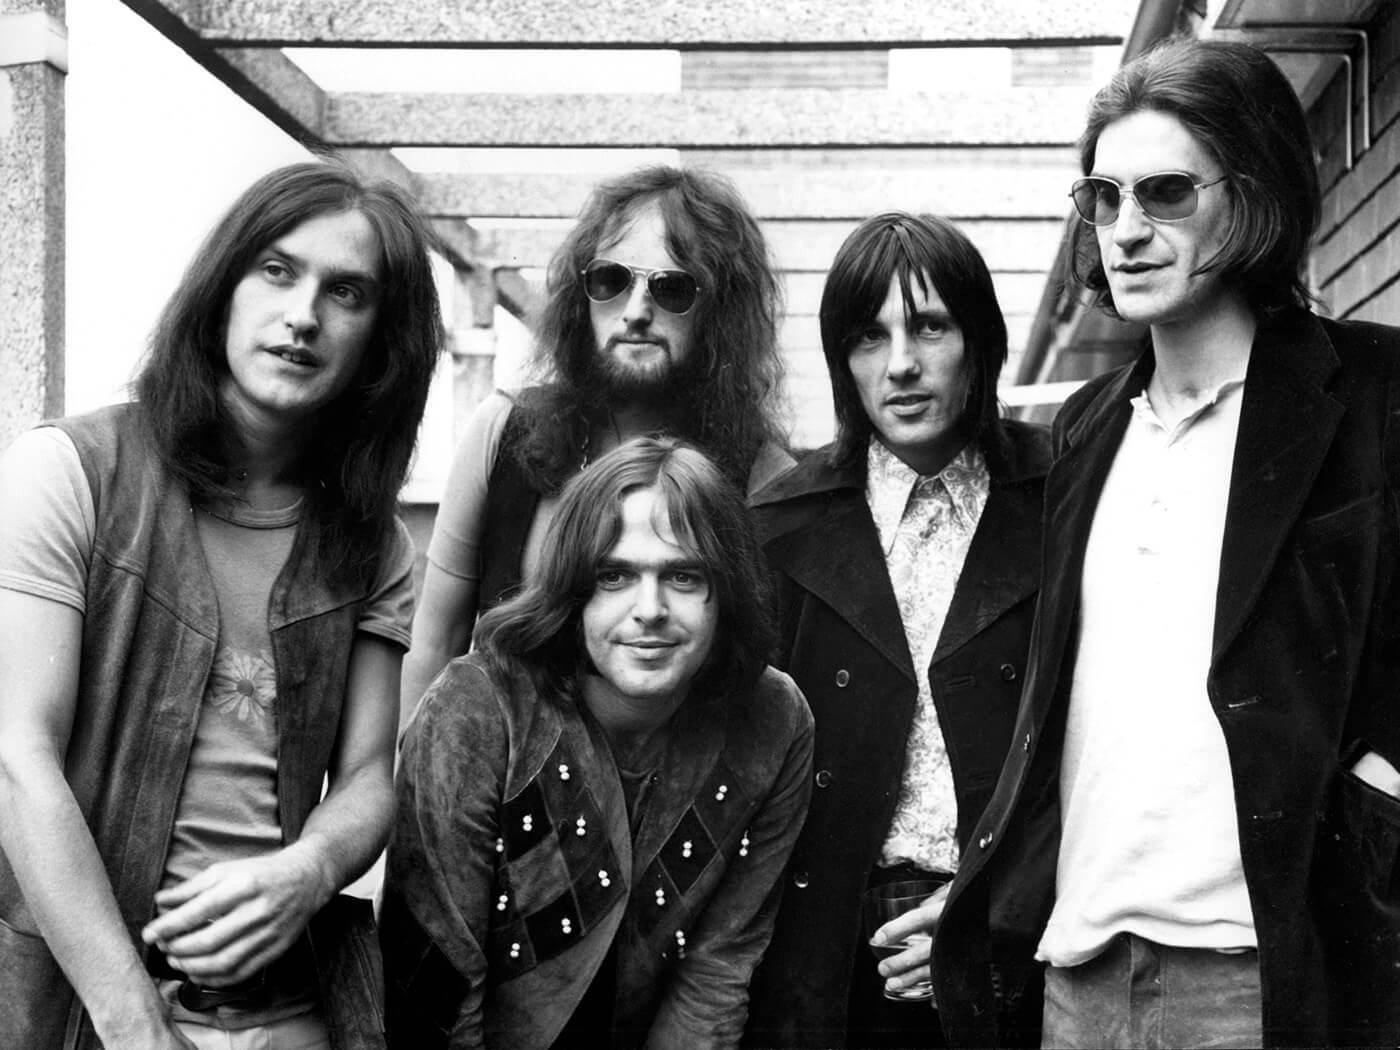 The Kinks – Lola Versus Powerman And The Moneygoround, Part One